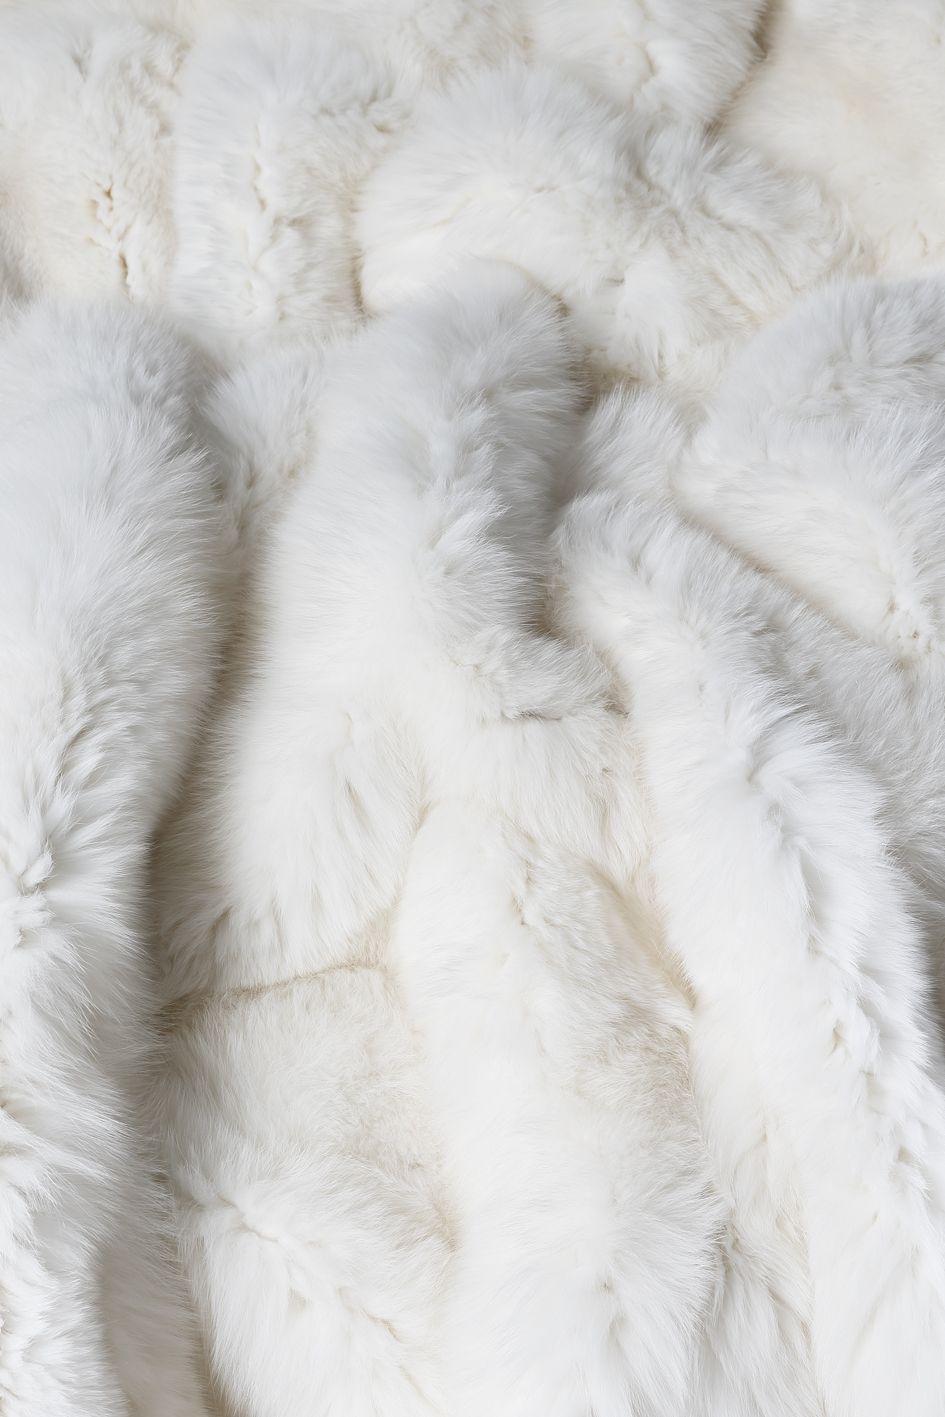 Plaid Renard Blanc Naturel Detail Natural White Fox Blanket Detail Fox Renard Fourrure Fur Plaid Decoration Homeinte Renard Blanc Fourrure Blanket